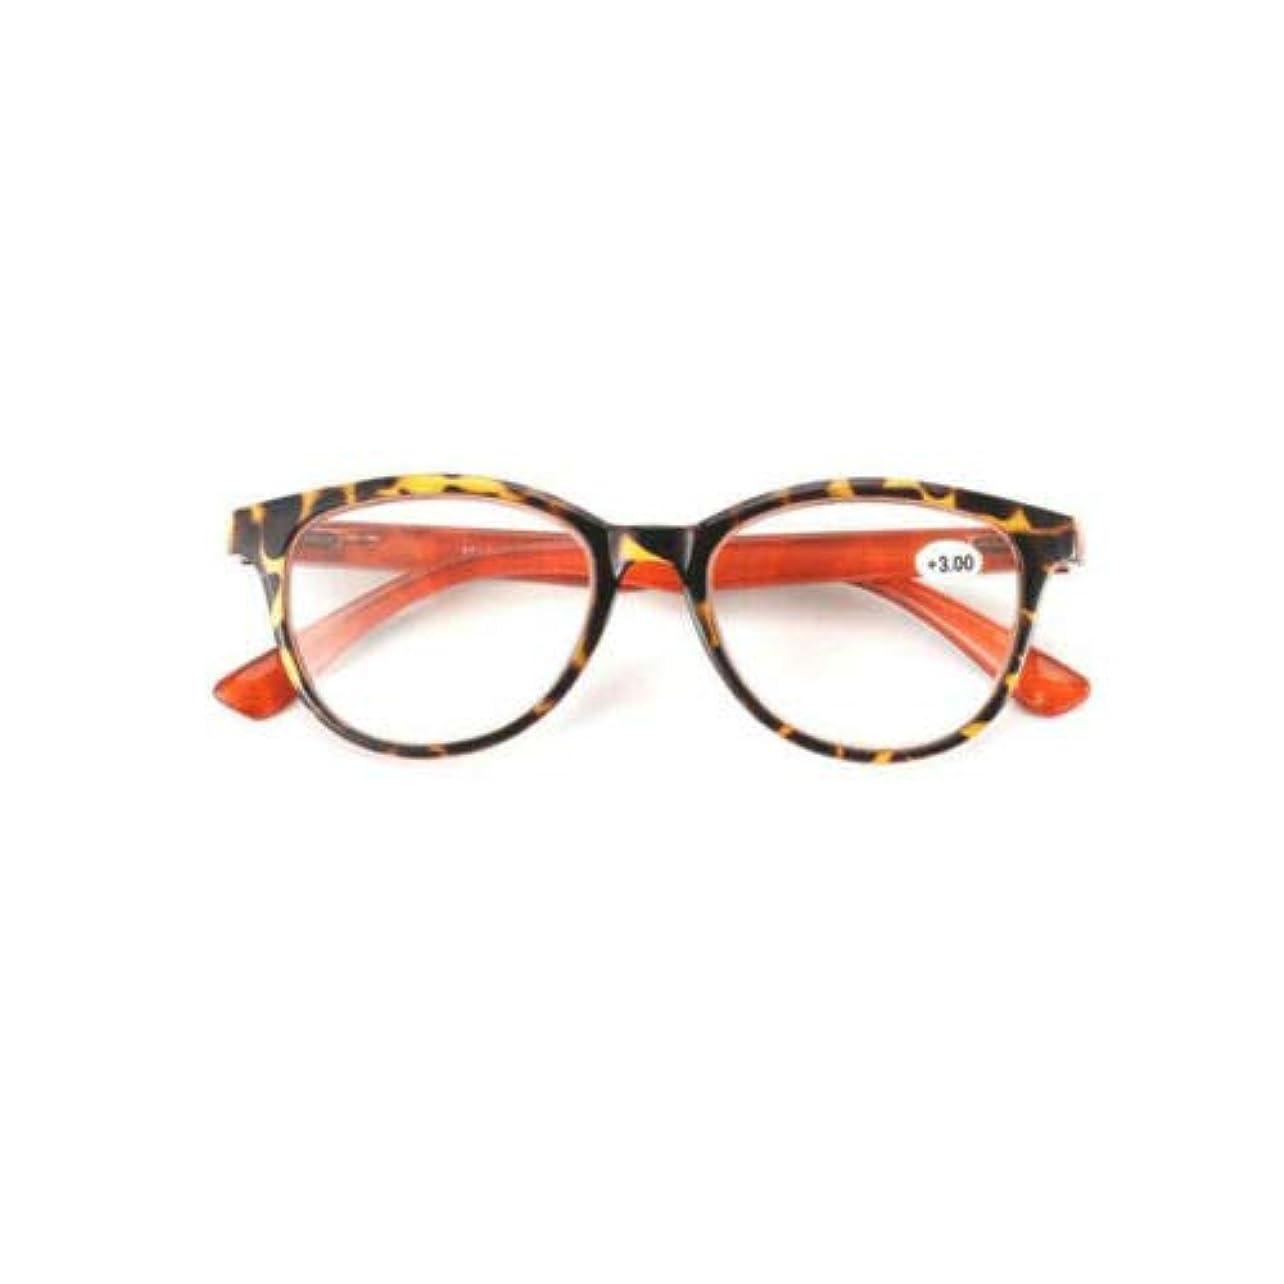 対称バイナリ対人FidgetGear ラウンド老眼鏡女性男性眼鏡プラスチックフレームアイリーダー+ 1.0?+ 3.5 ヒョウ